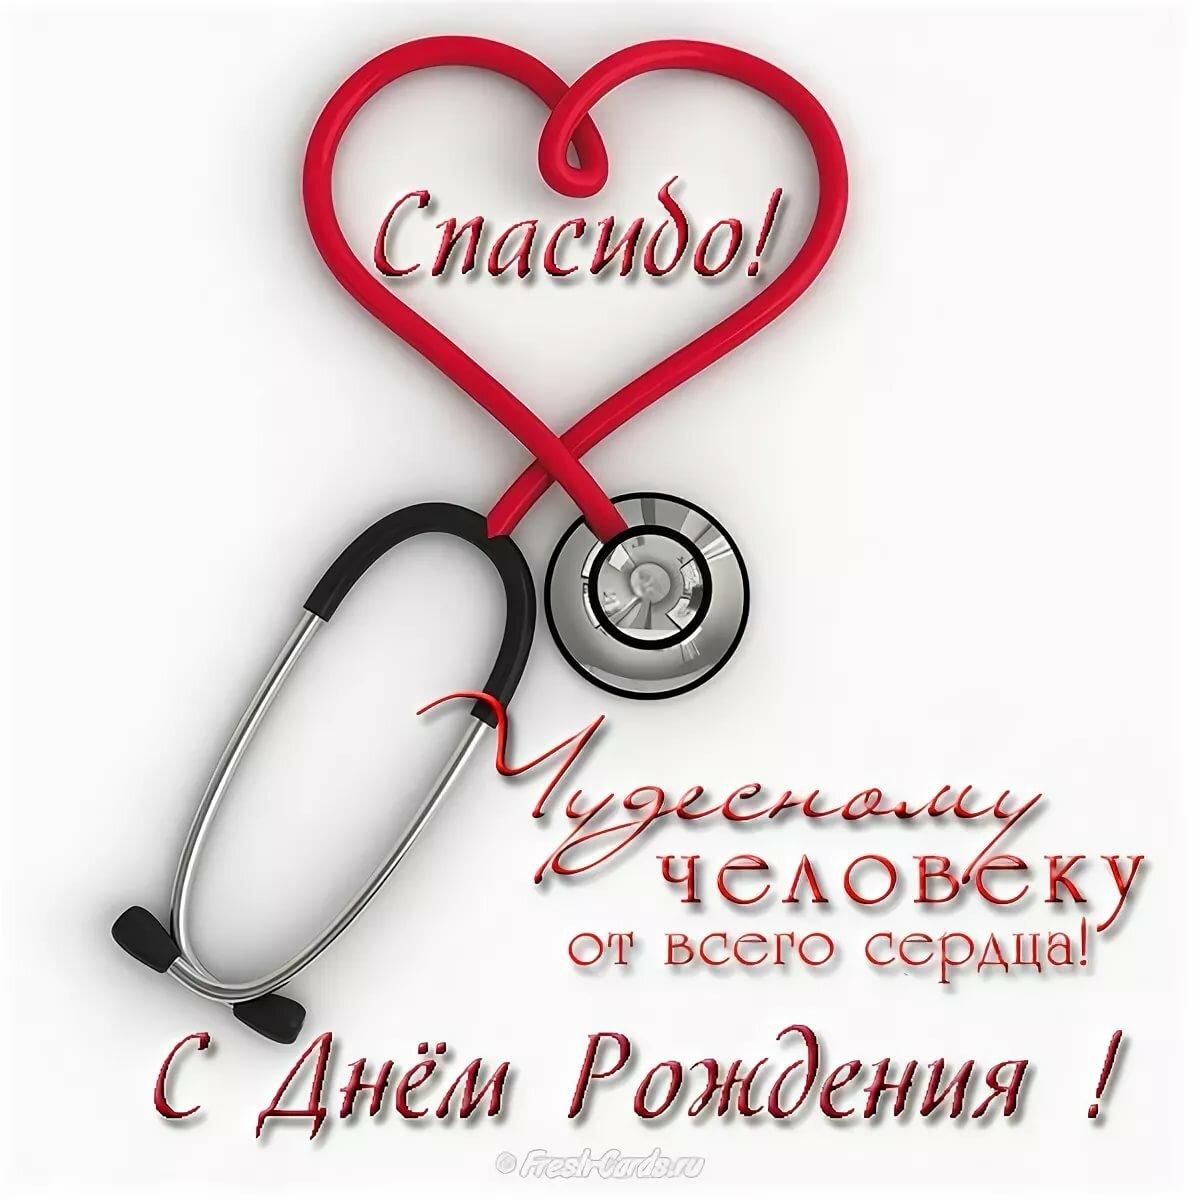 Поздравления с днем рождения стихи врача